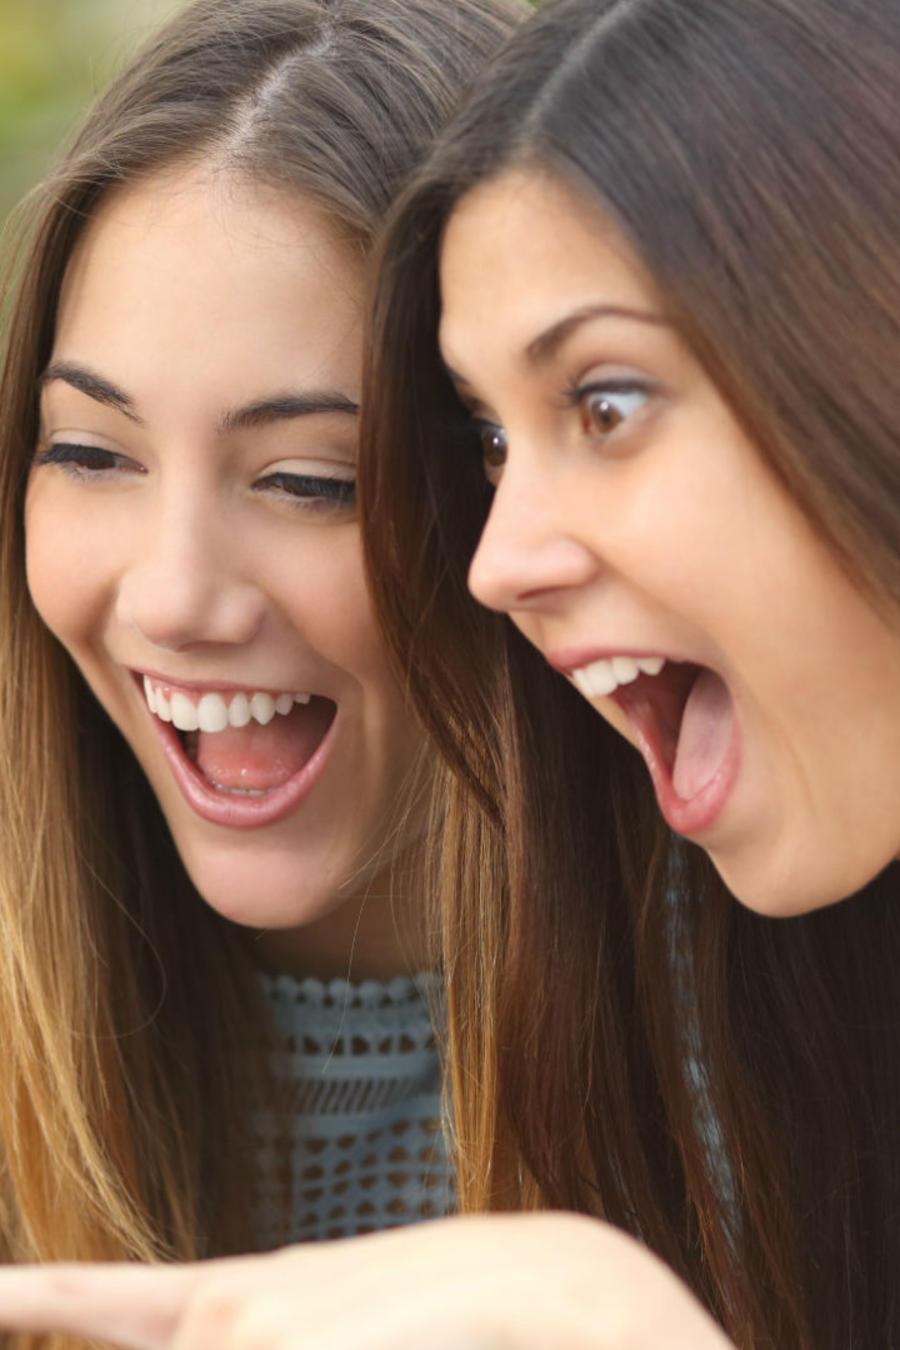 Dos mujeres alegres viendo el celular